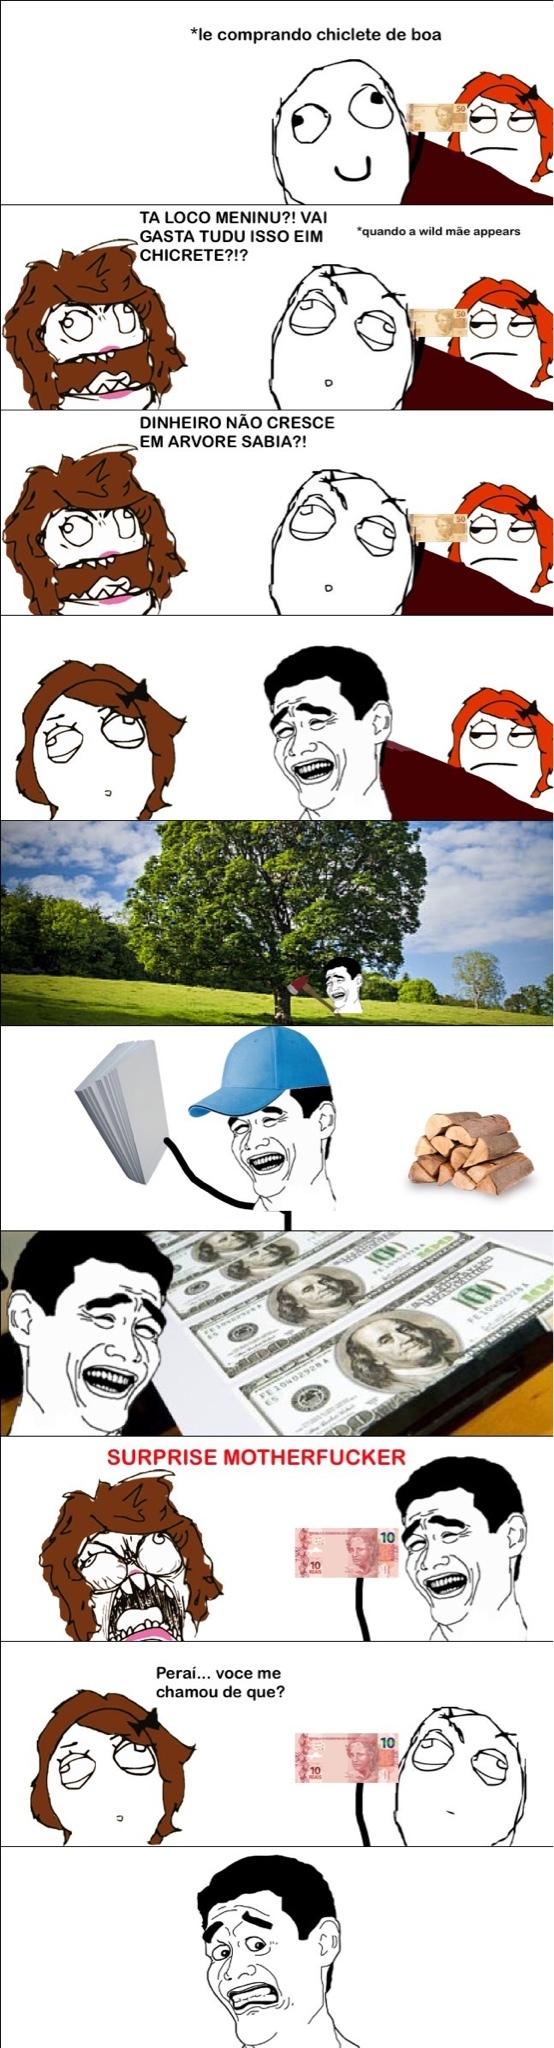 dinheiro=papel, papel=árvore kkjkjjjkjkk - meme